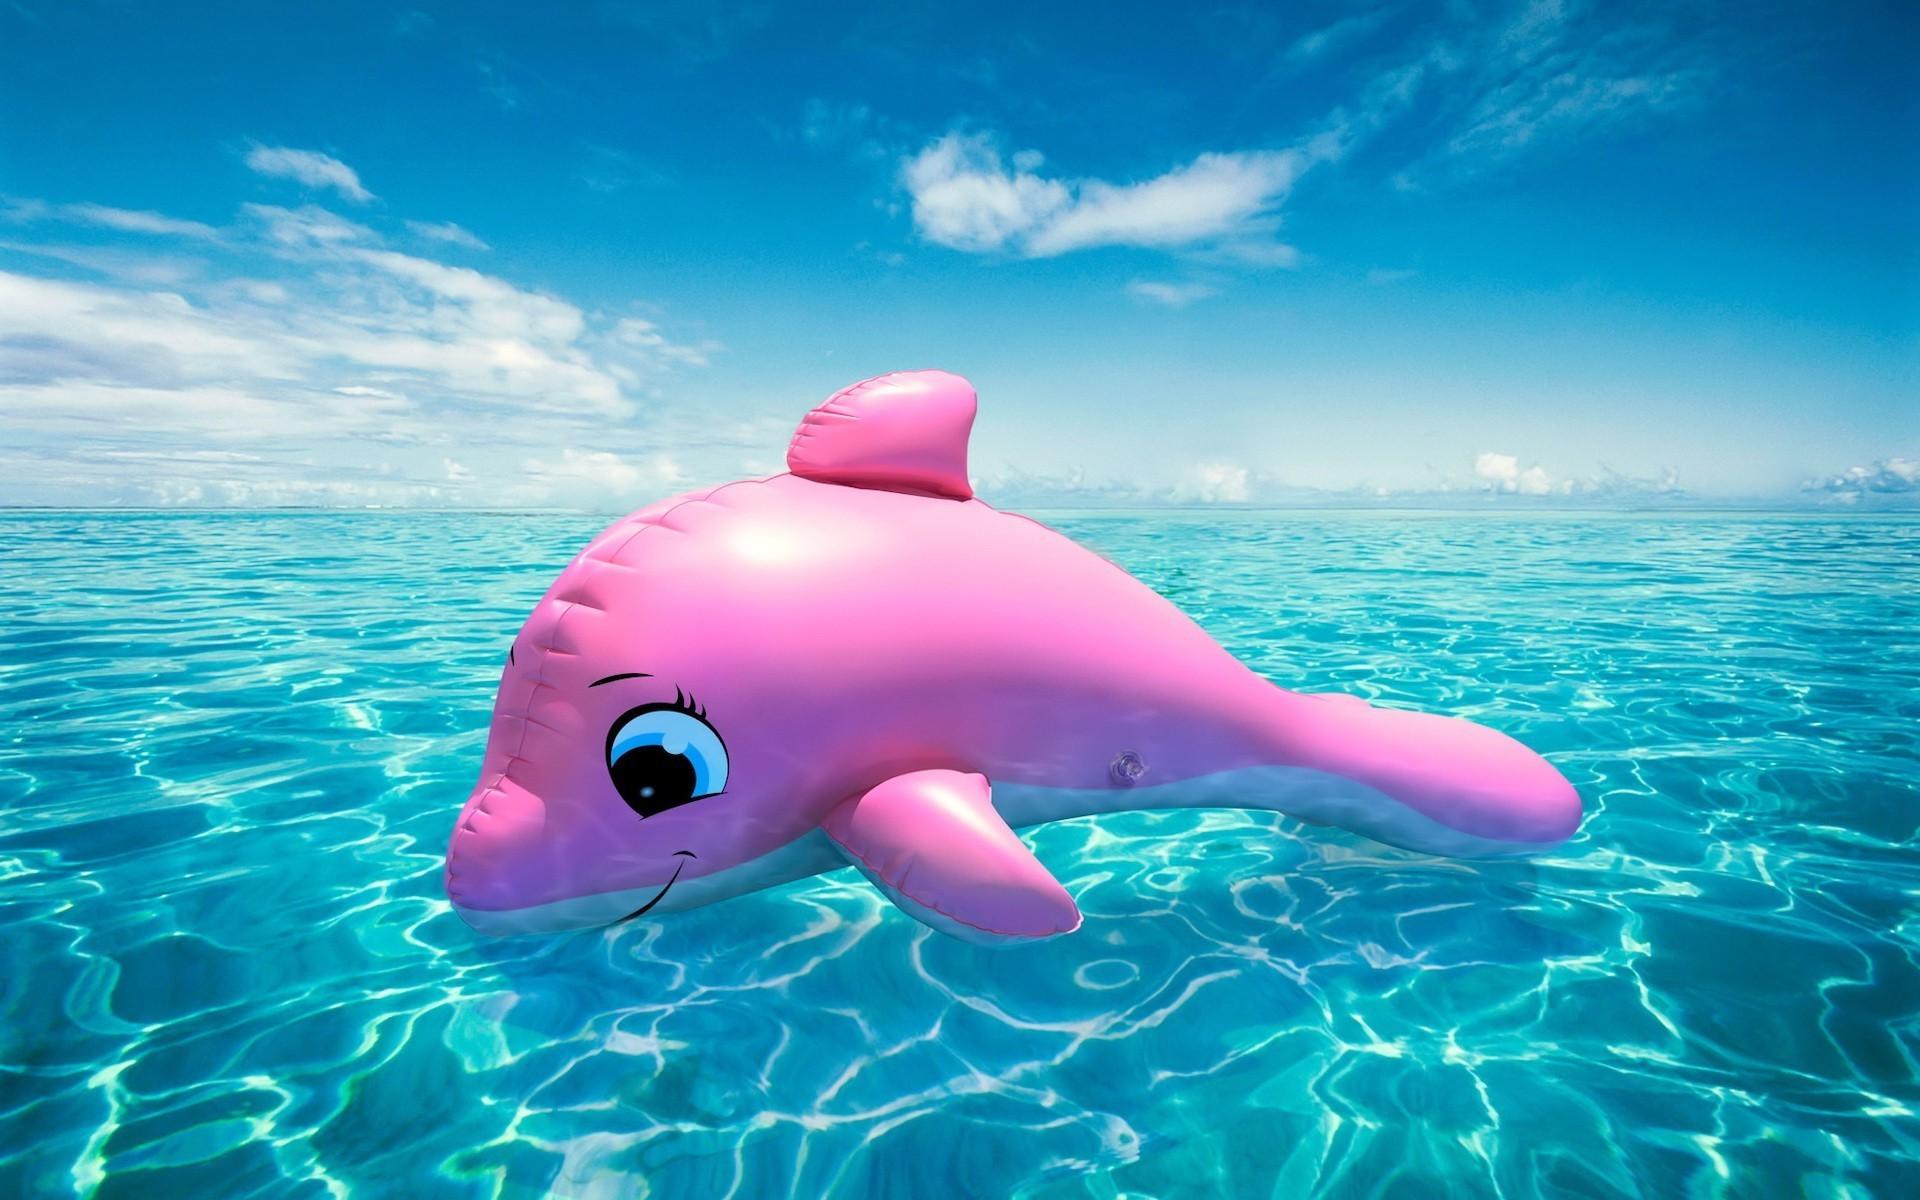 desktop pink dolphins images dowload